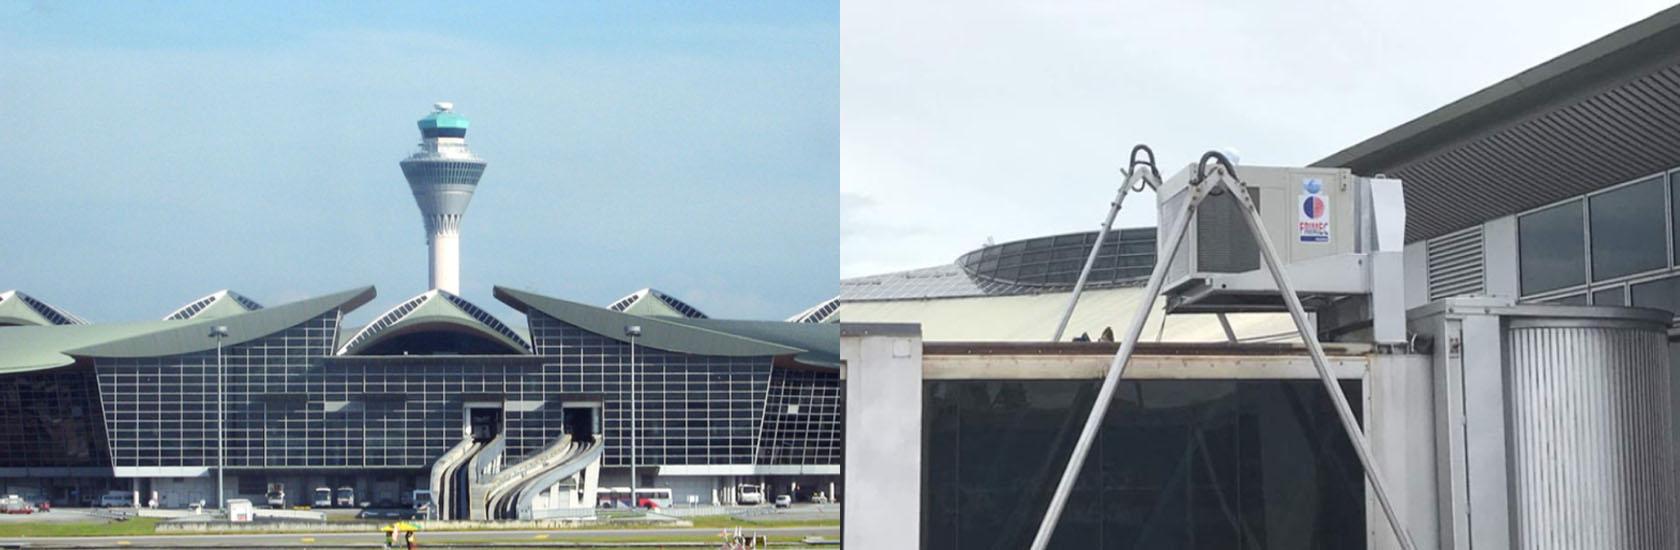 Kuala Lumpur International Airport, Malaysia